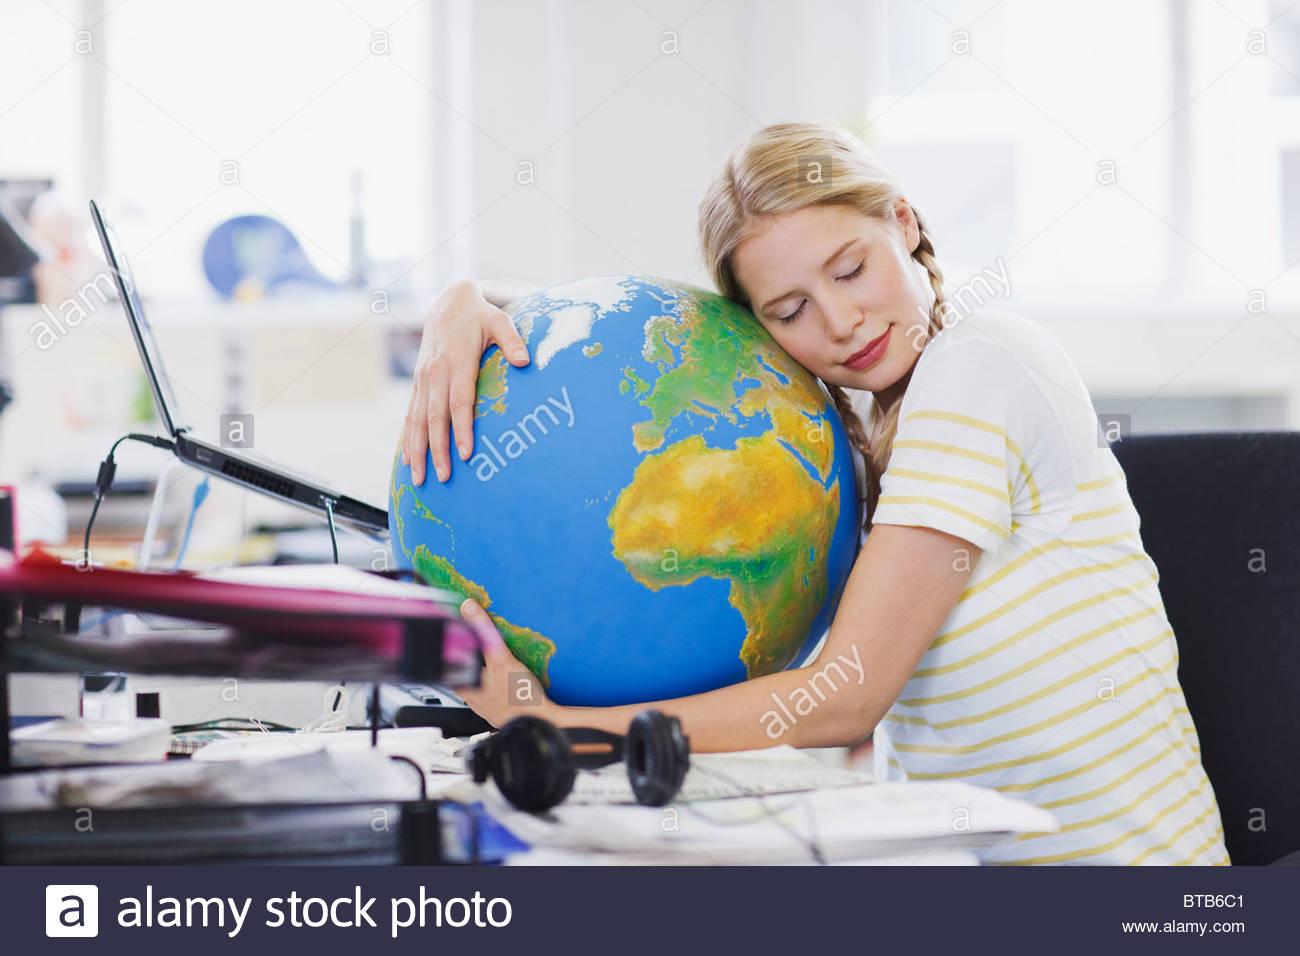 Imprenditrice con gli occhi chiusi abbracciando globo a scrivania in ufficio Immagini Stock